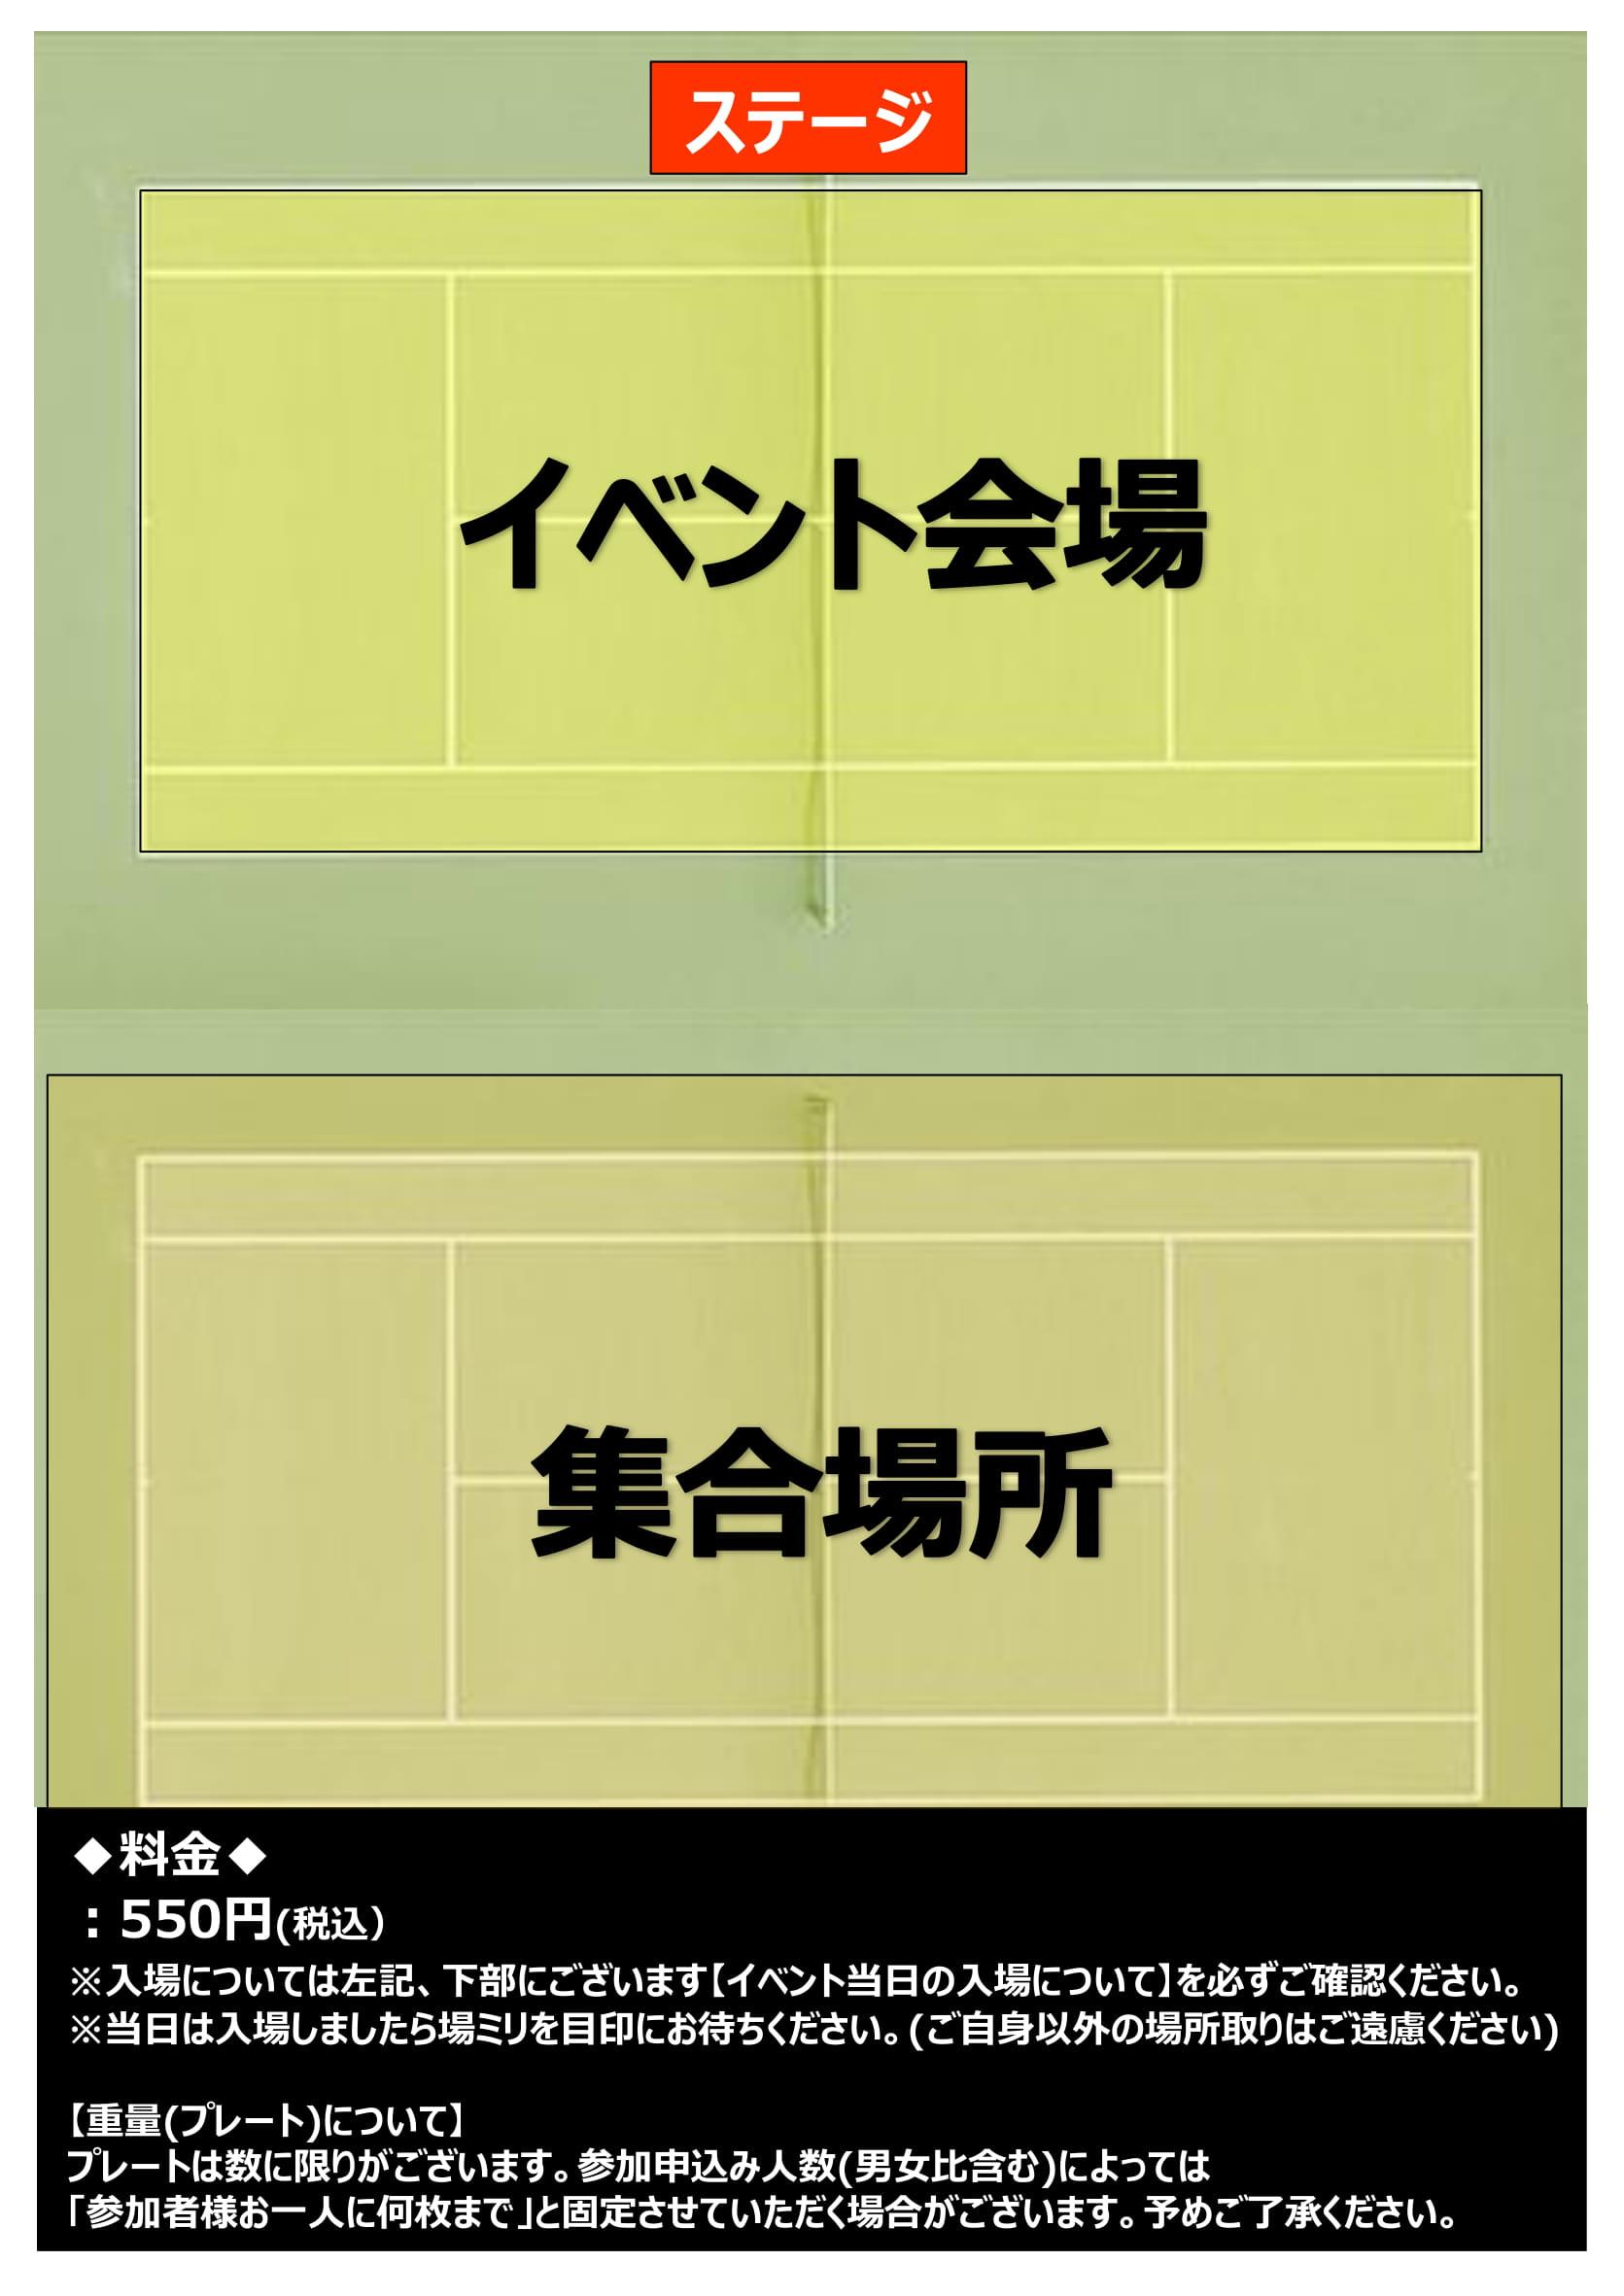 2/23(火) メガロス草加-3